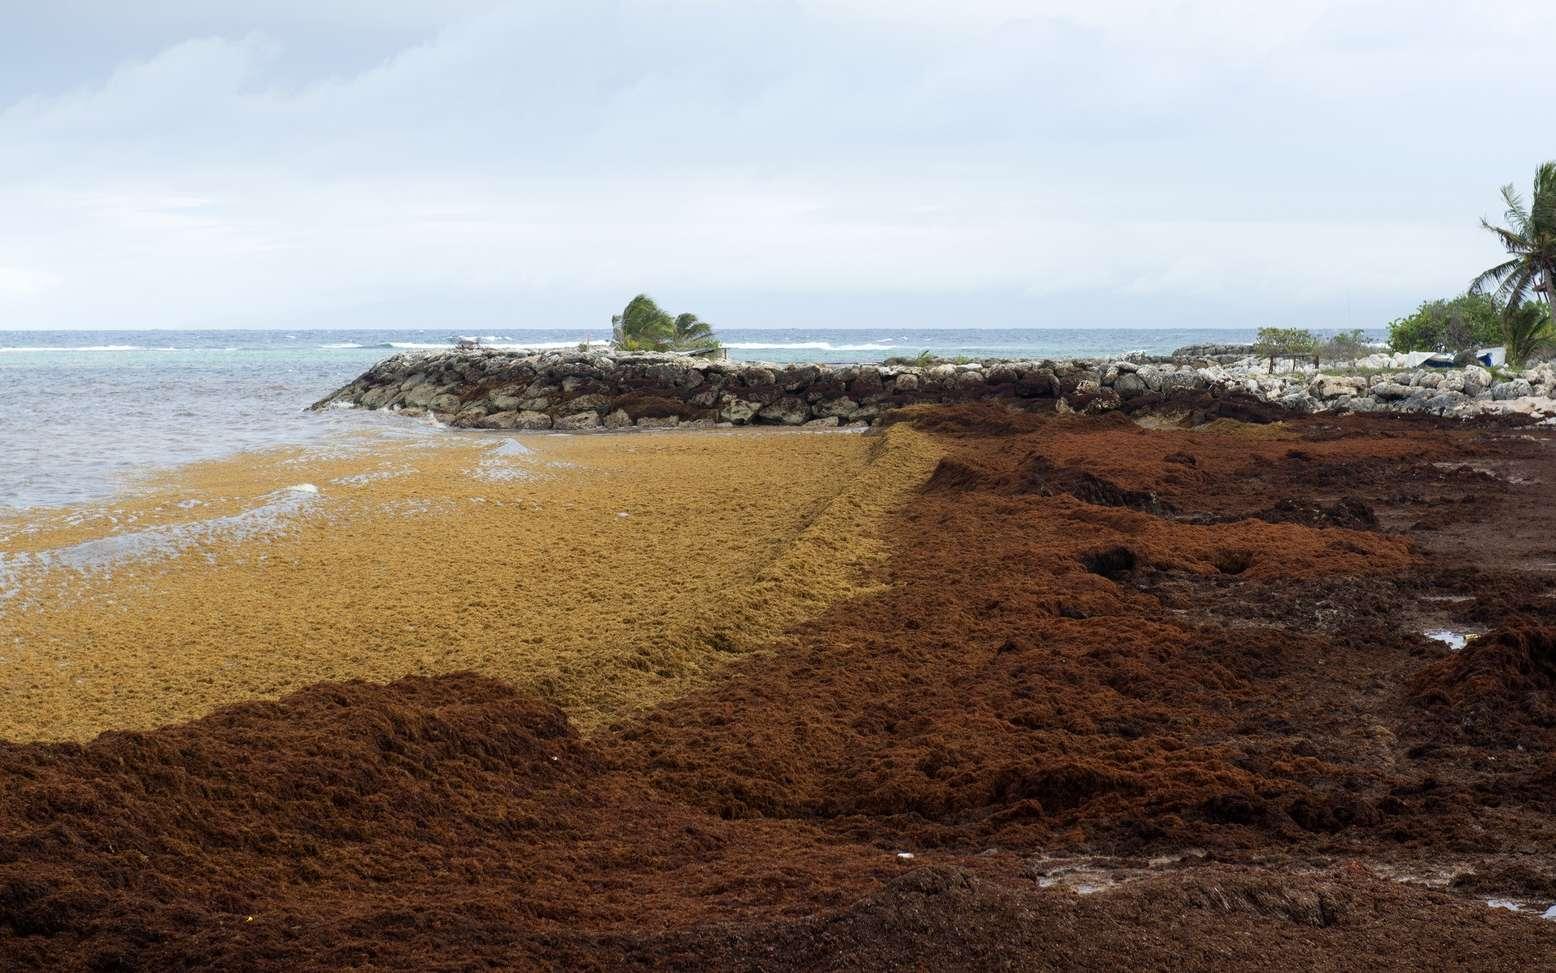 La décomposition des algues sargasses sur les côtes antillaises génère de nombreux problèmes sanitaires. © Nathie, Fotolia